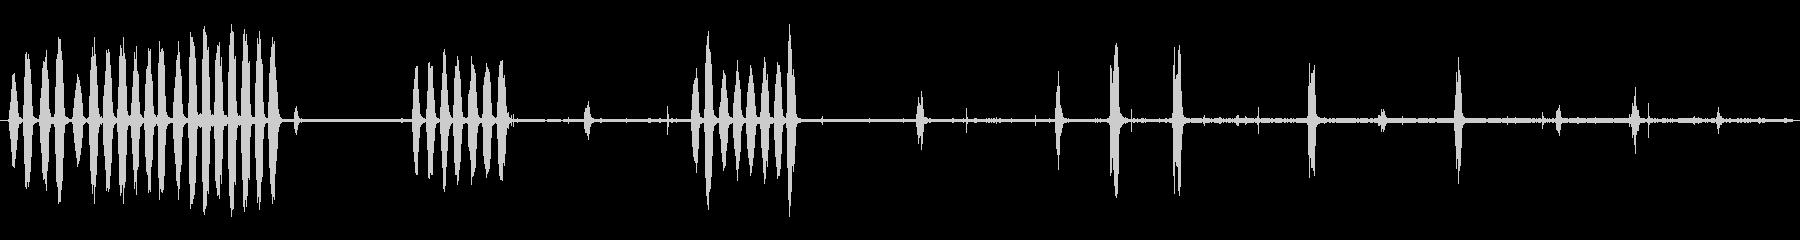 熱帯の鳥:大声で鳴くの未再生の波形